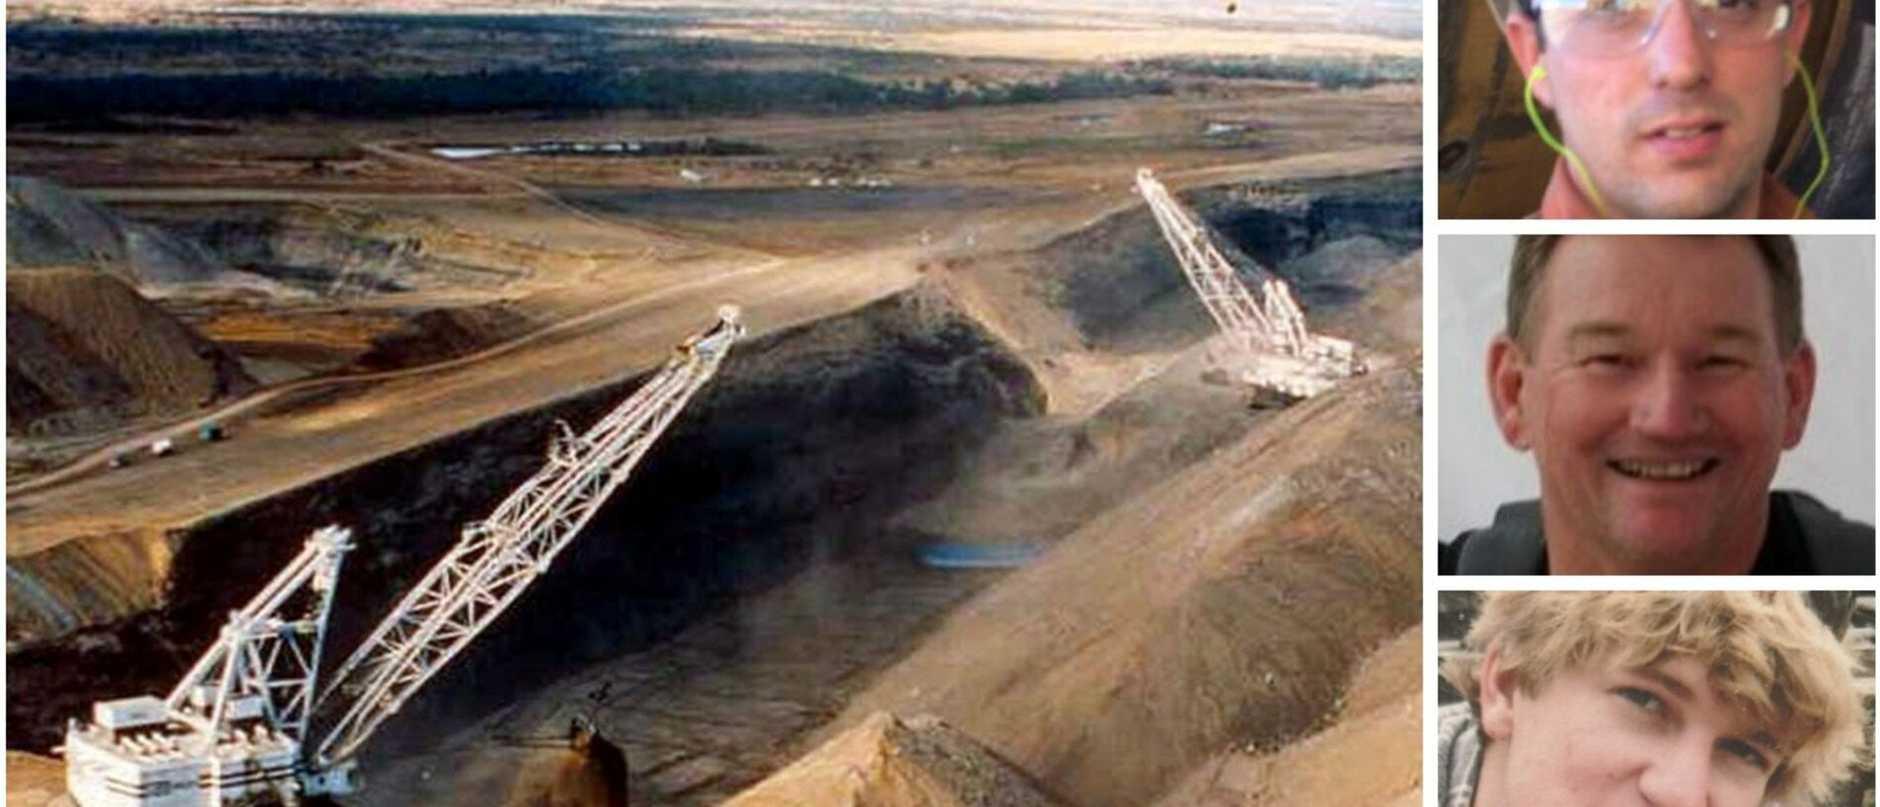 Queensland mining deaths splash art